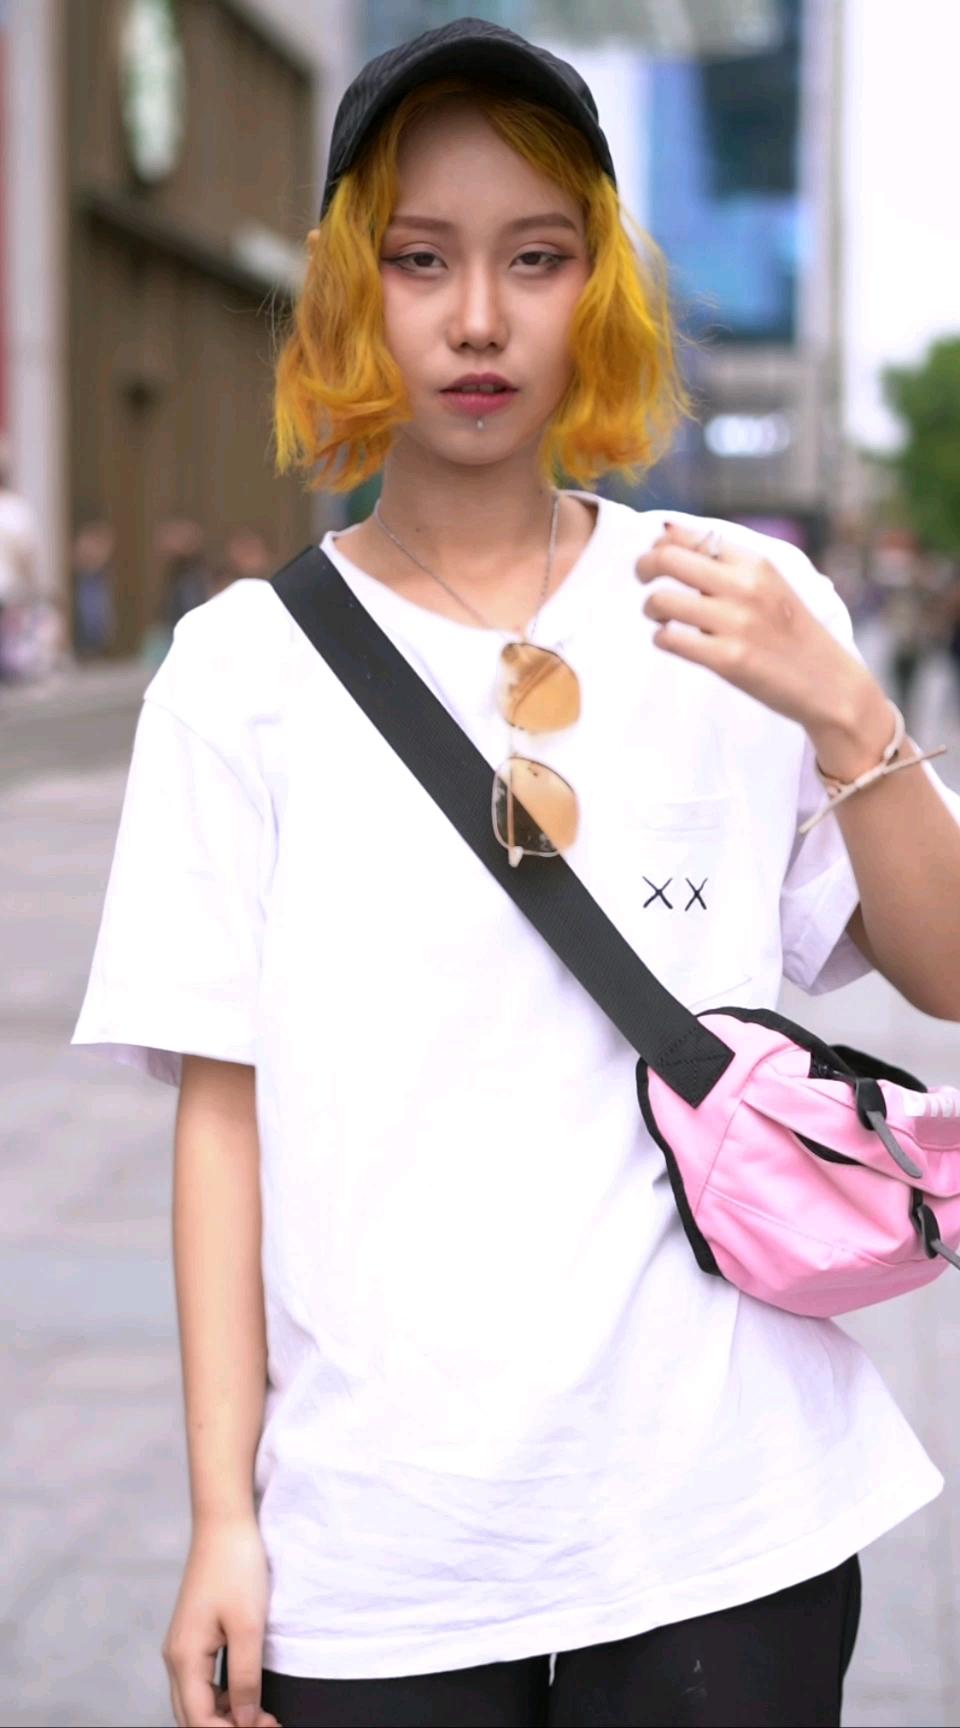 西安超酷的黄发小姐姐,看到她的联名款短袖我酸了!#街访# 你们喜欢什么颜色的短袖?